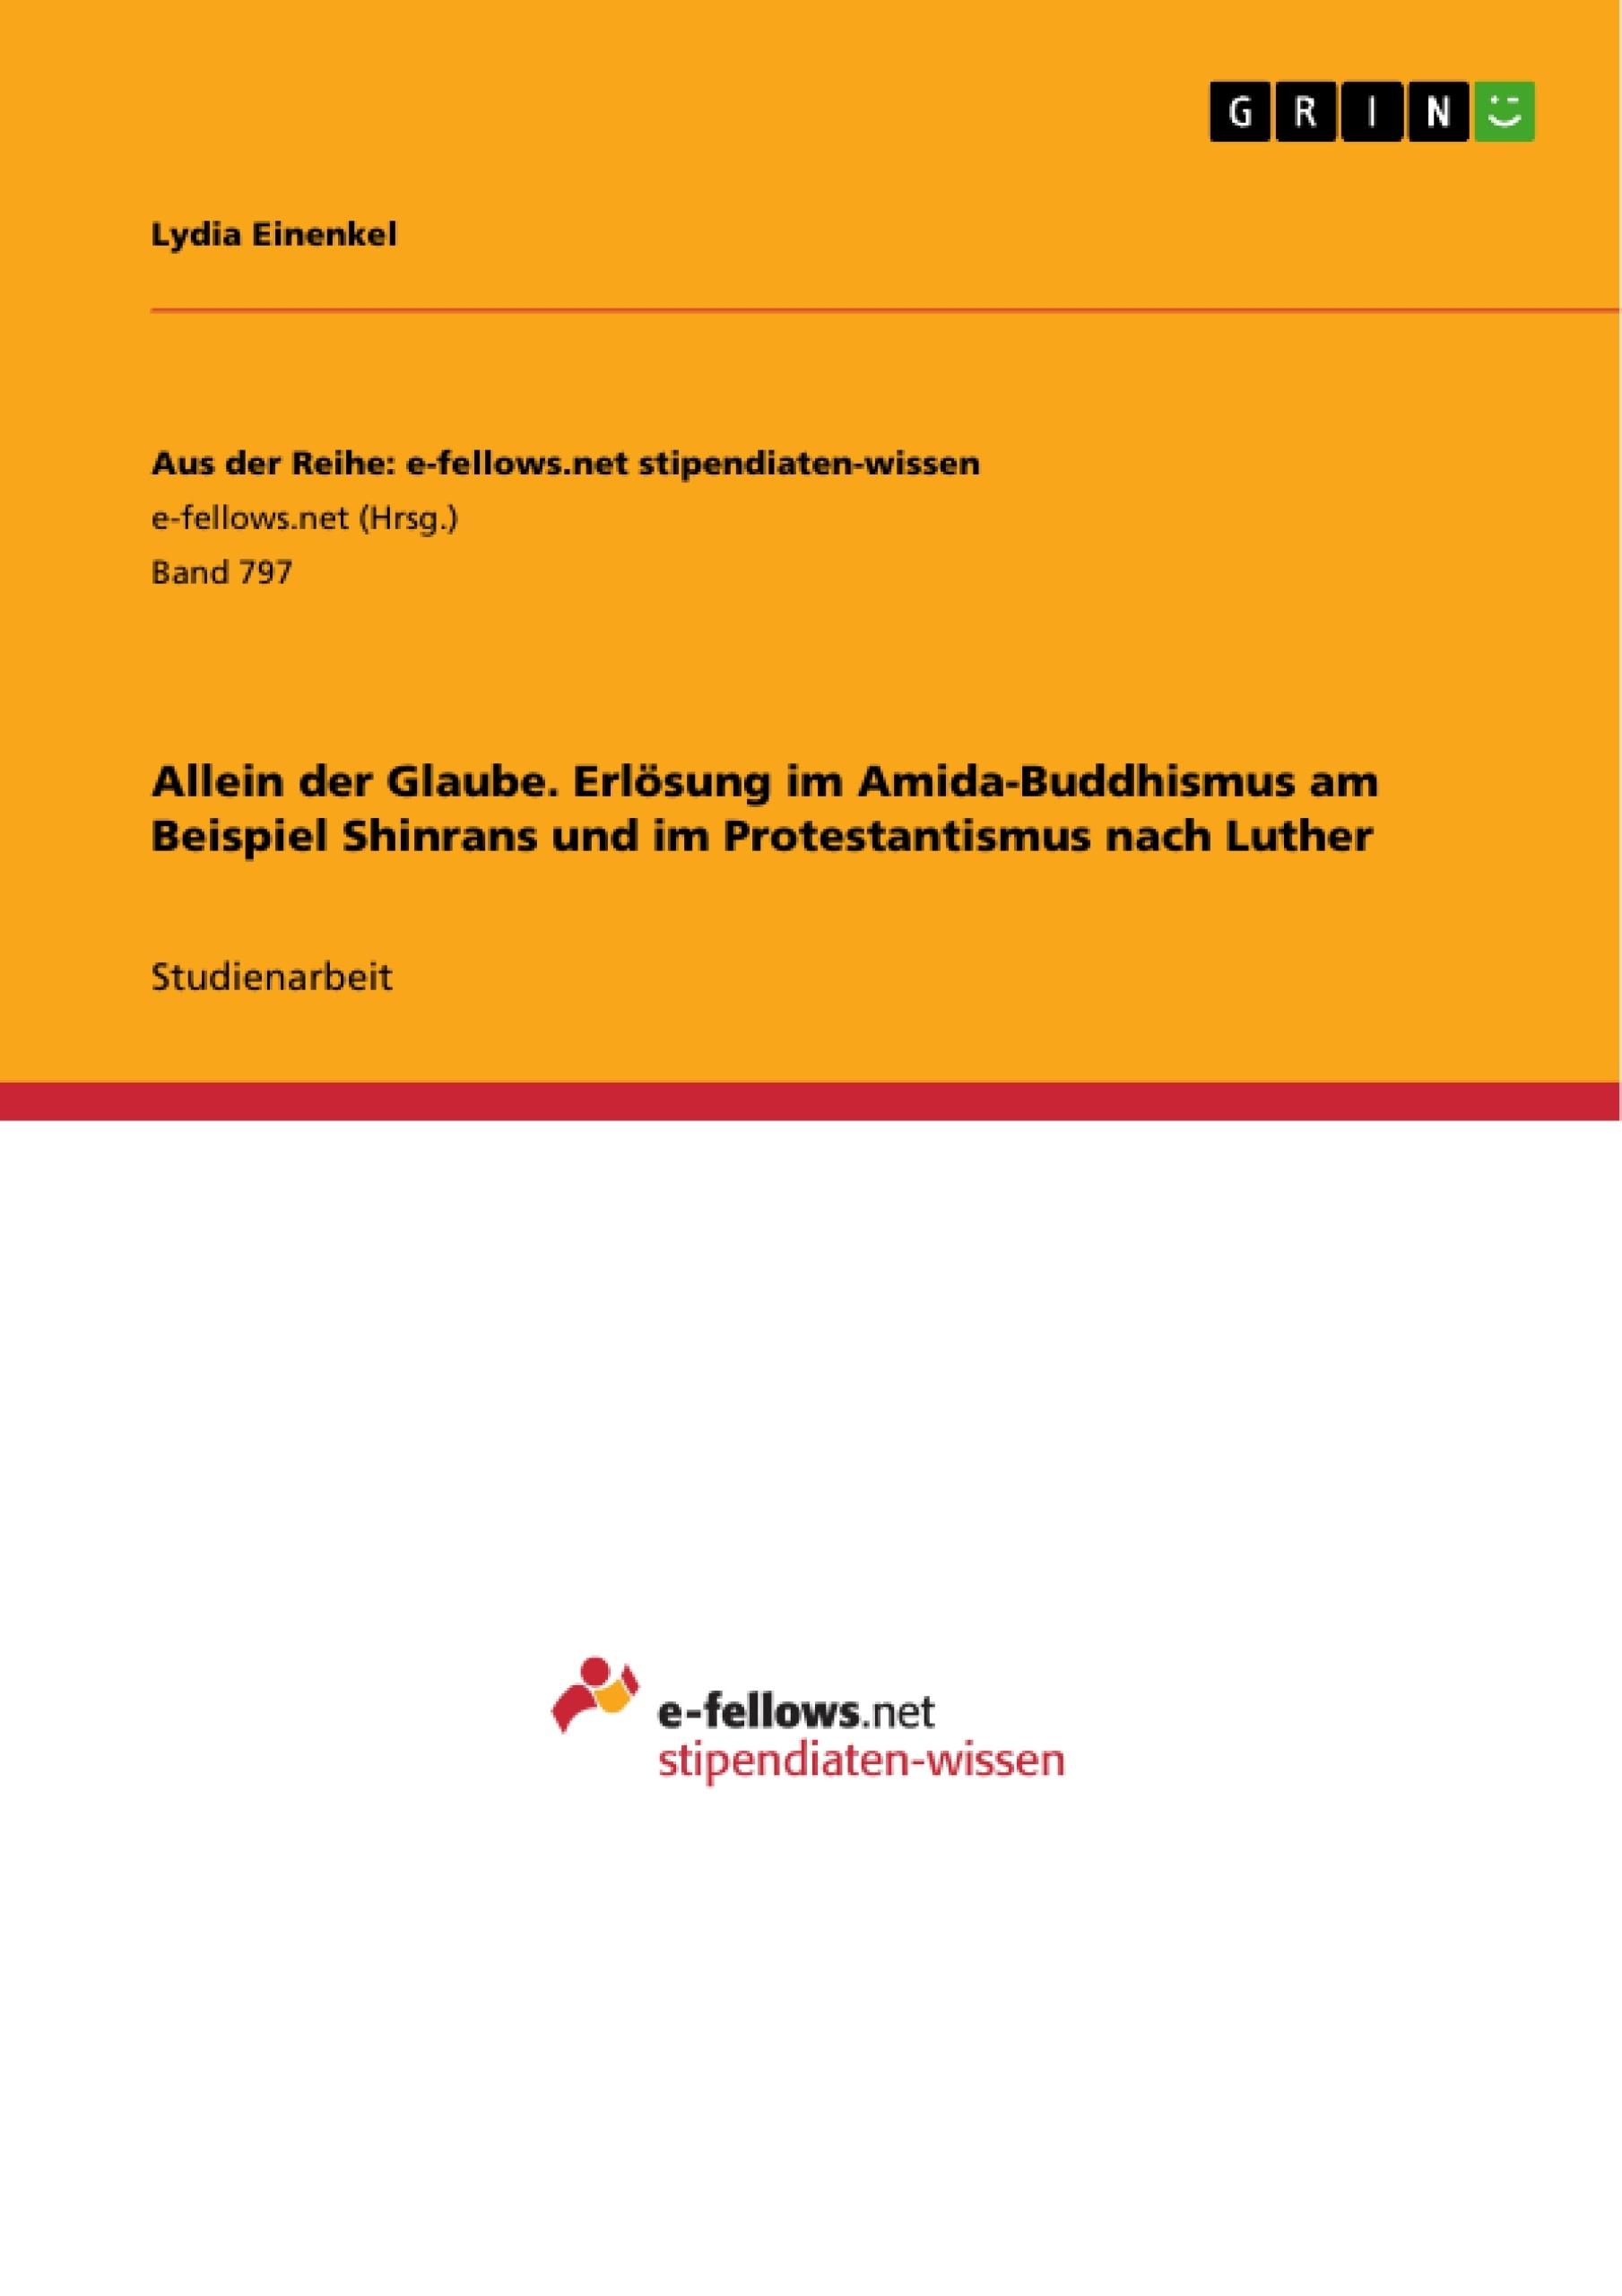 Titel: Allein der Glaube. Erlösung im Amida-Buddhismus am Beispiel Shinrans und im Protestantismus nach Luther